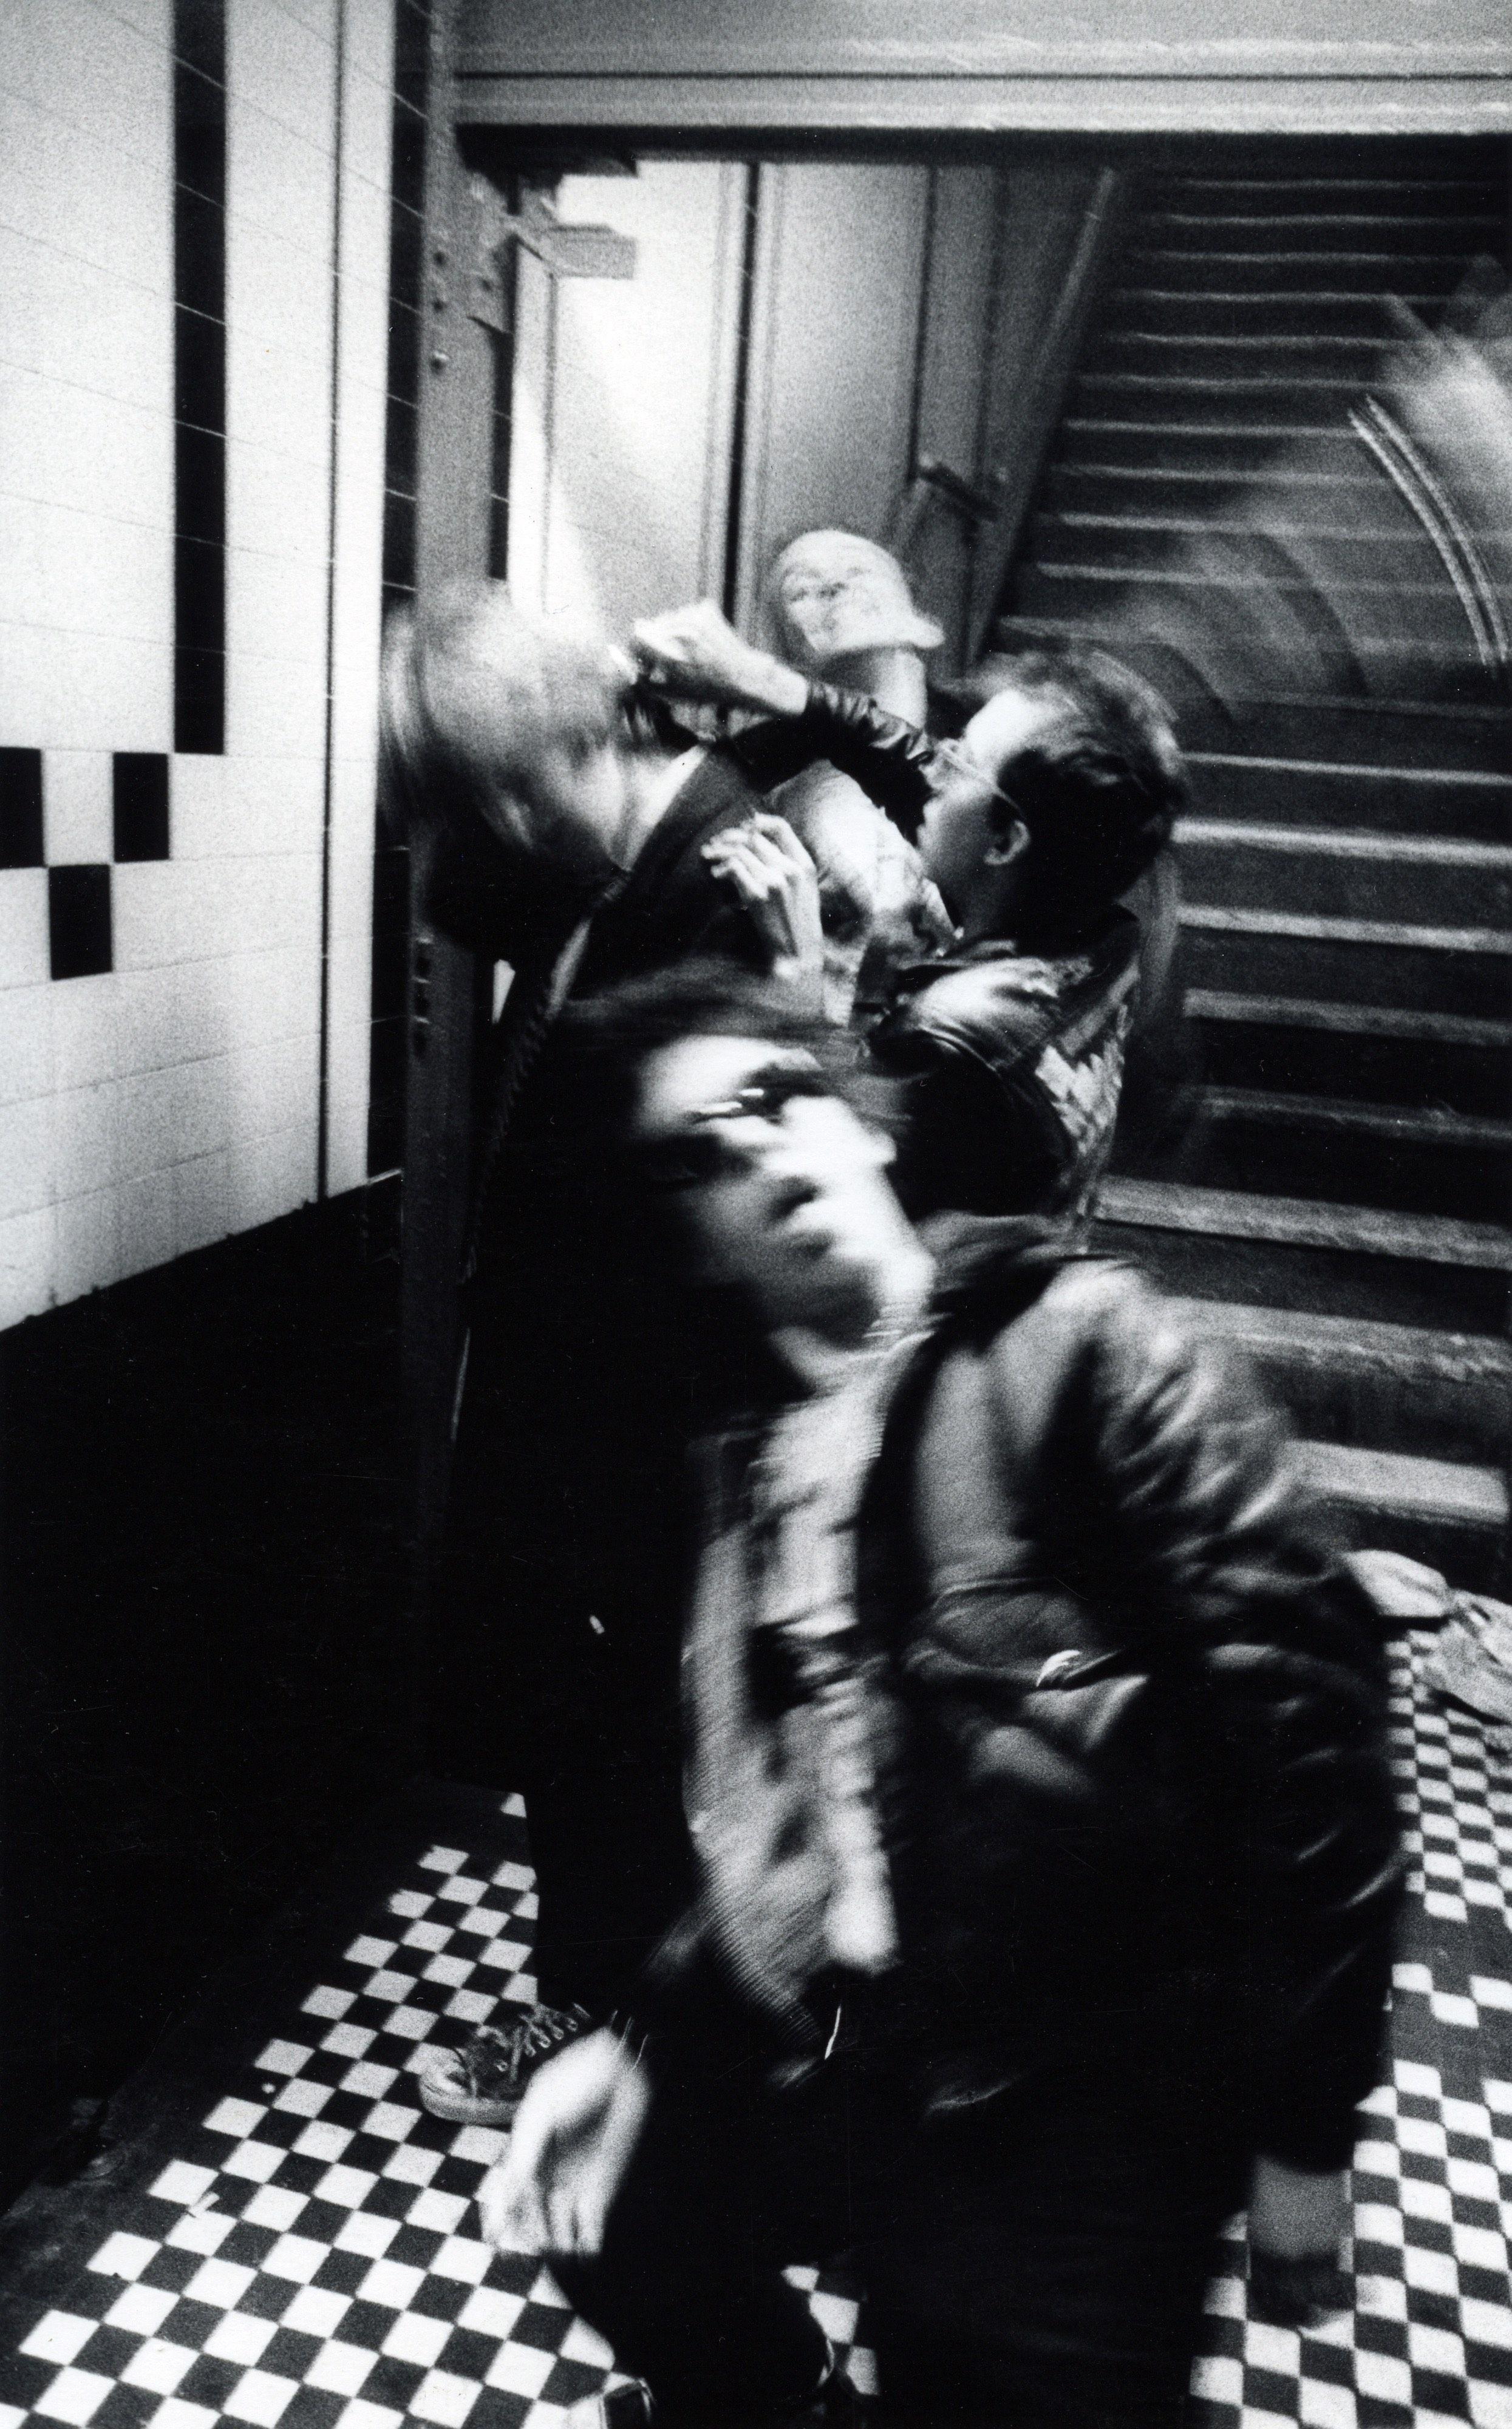 Punk Haircut, CBGB's 1977